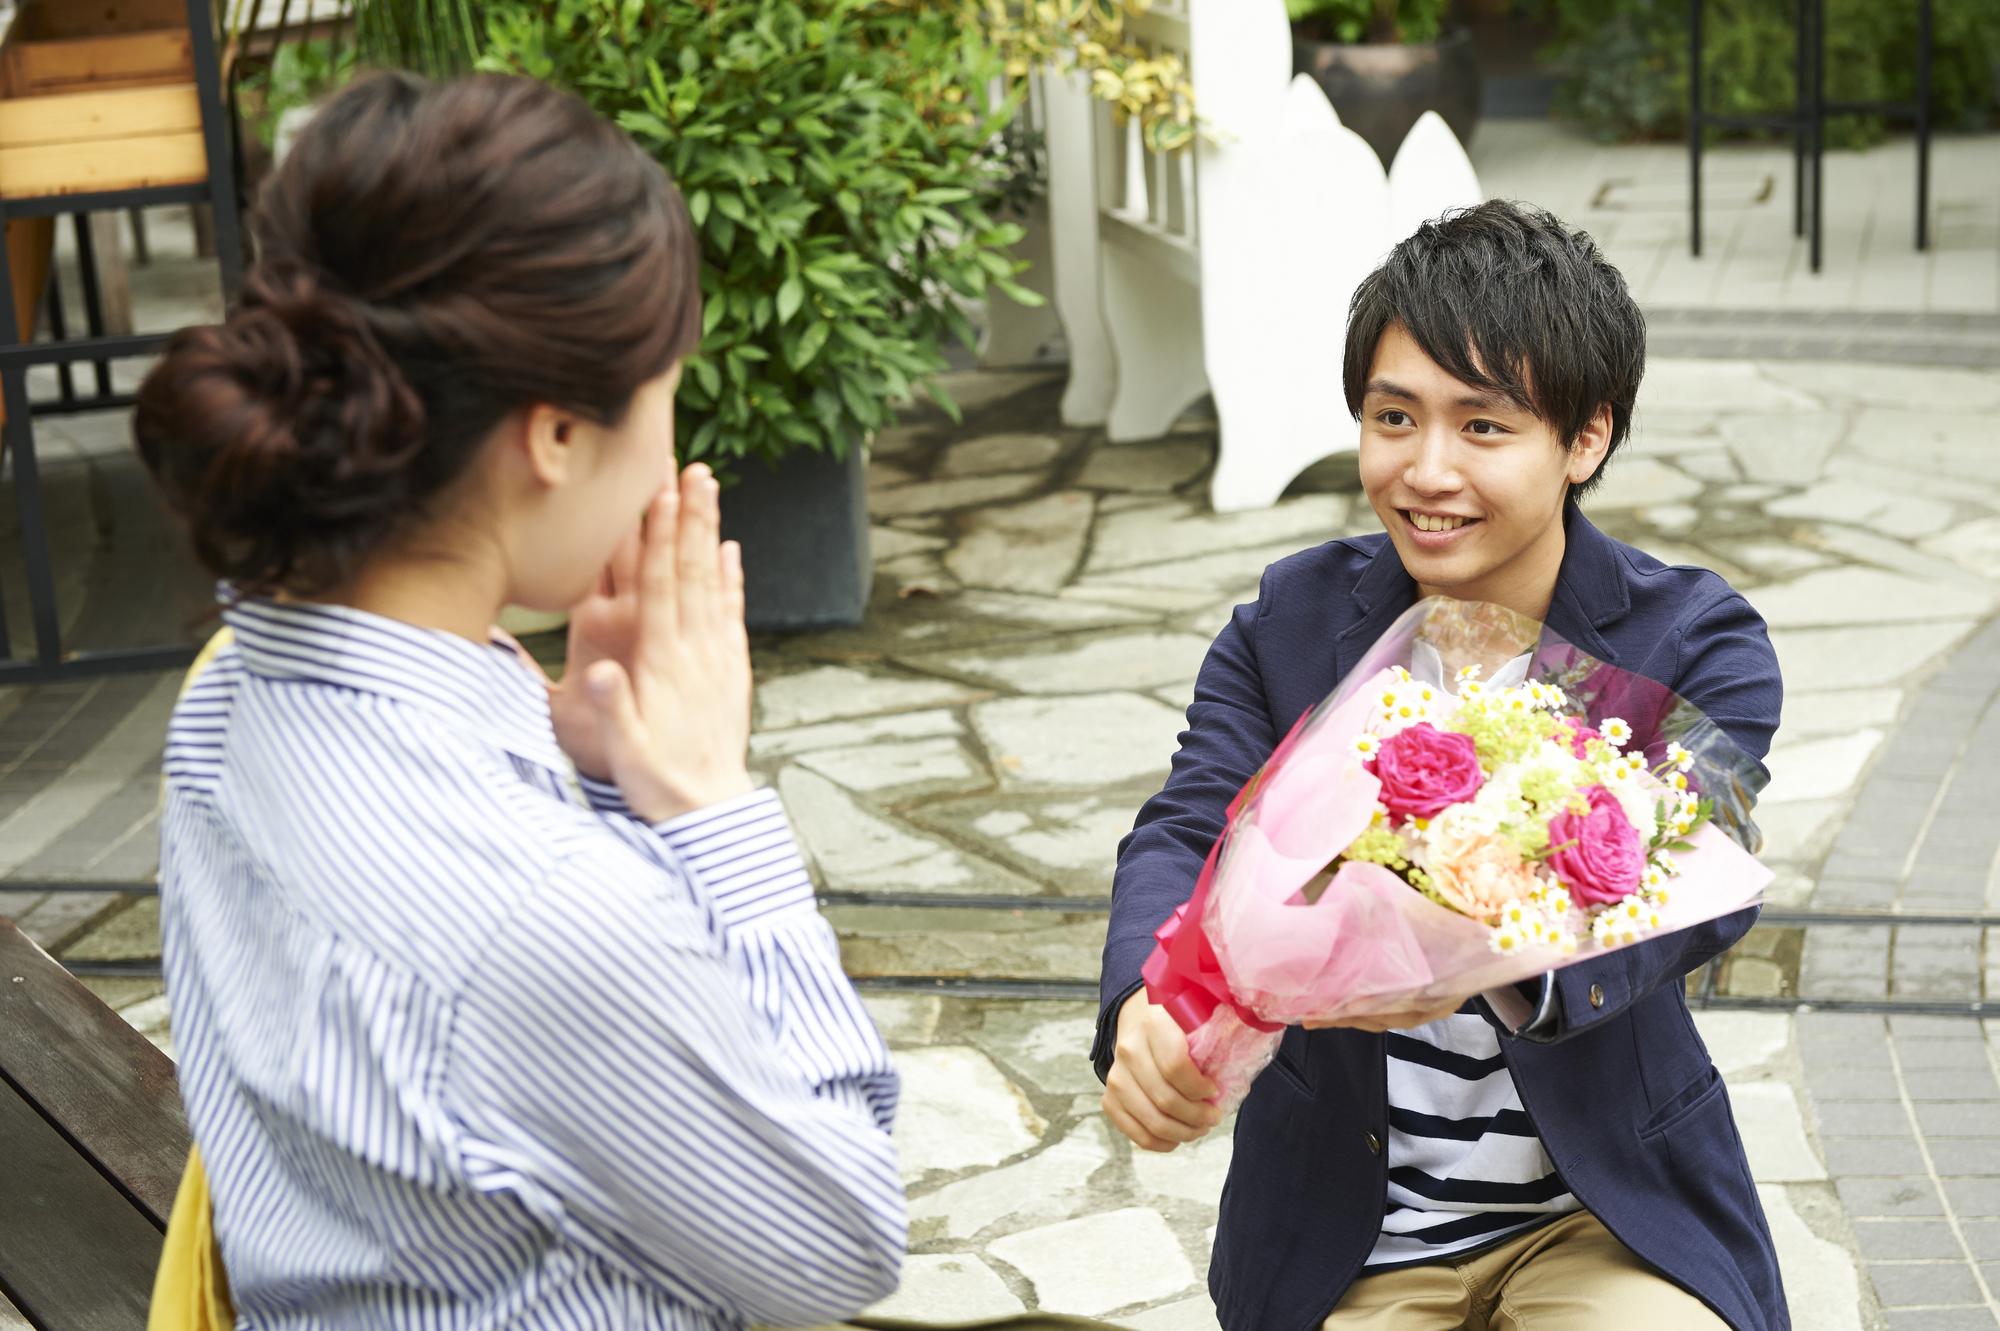 彼女が喜びそうな誕生日プレゼント10選、これで彼氏からの愛情度が分かる?